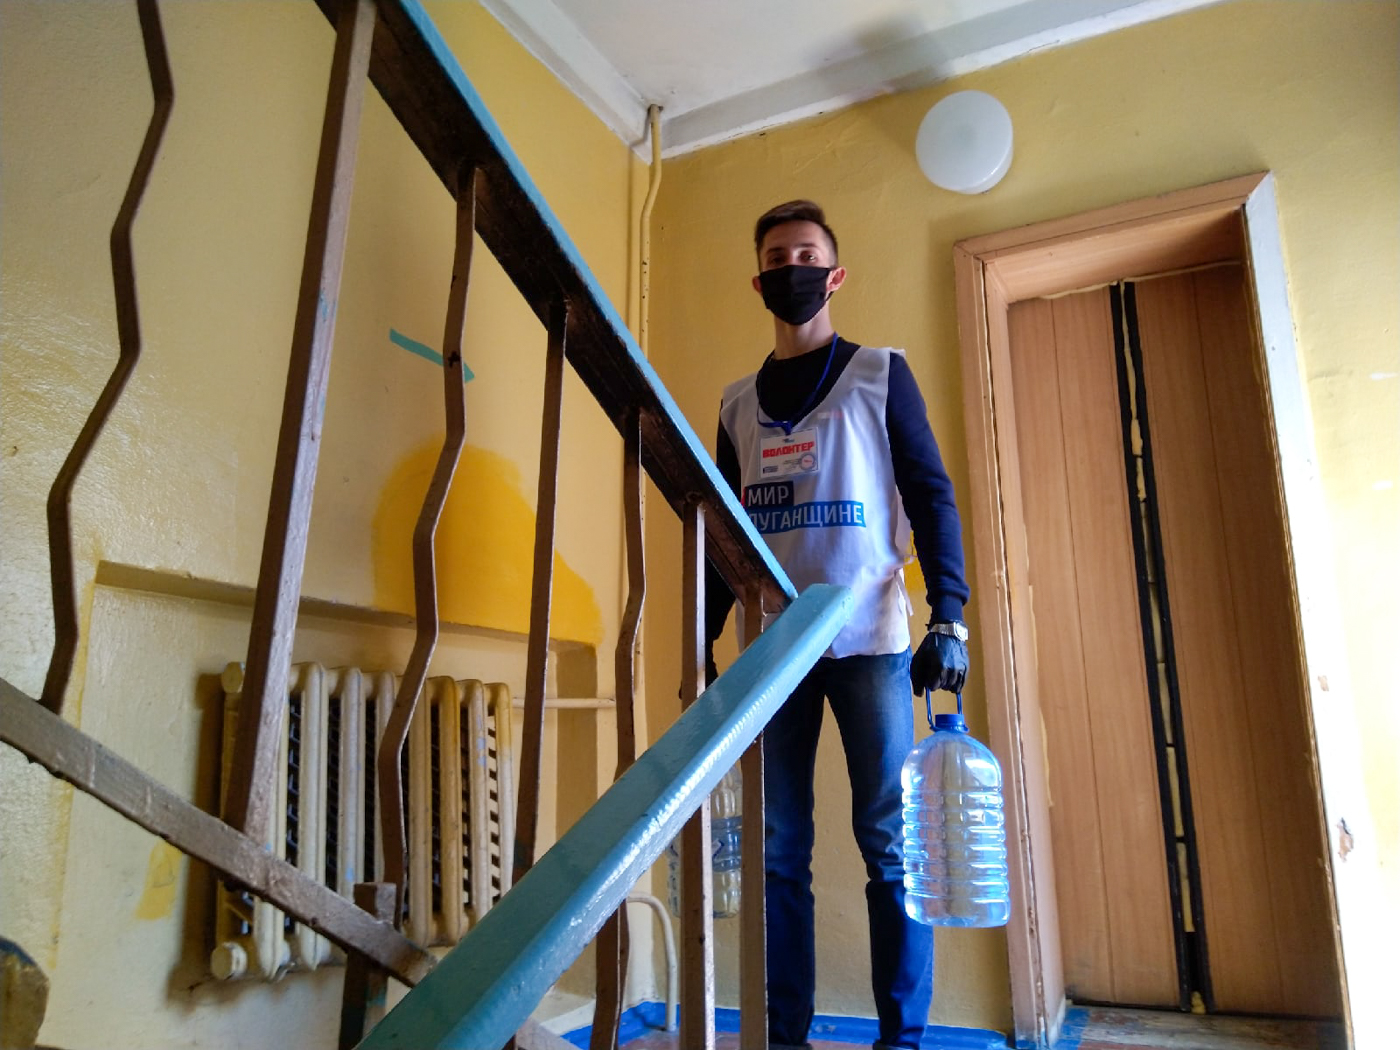 Волонтёры из Луганска помогли 26 гражданам на самоизоляции 2